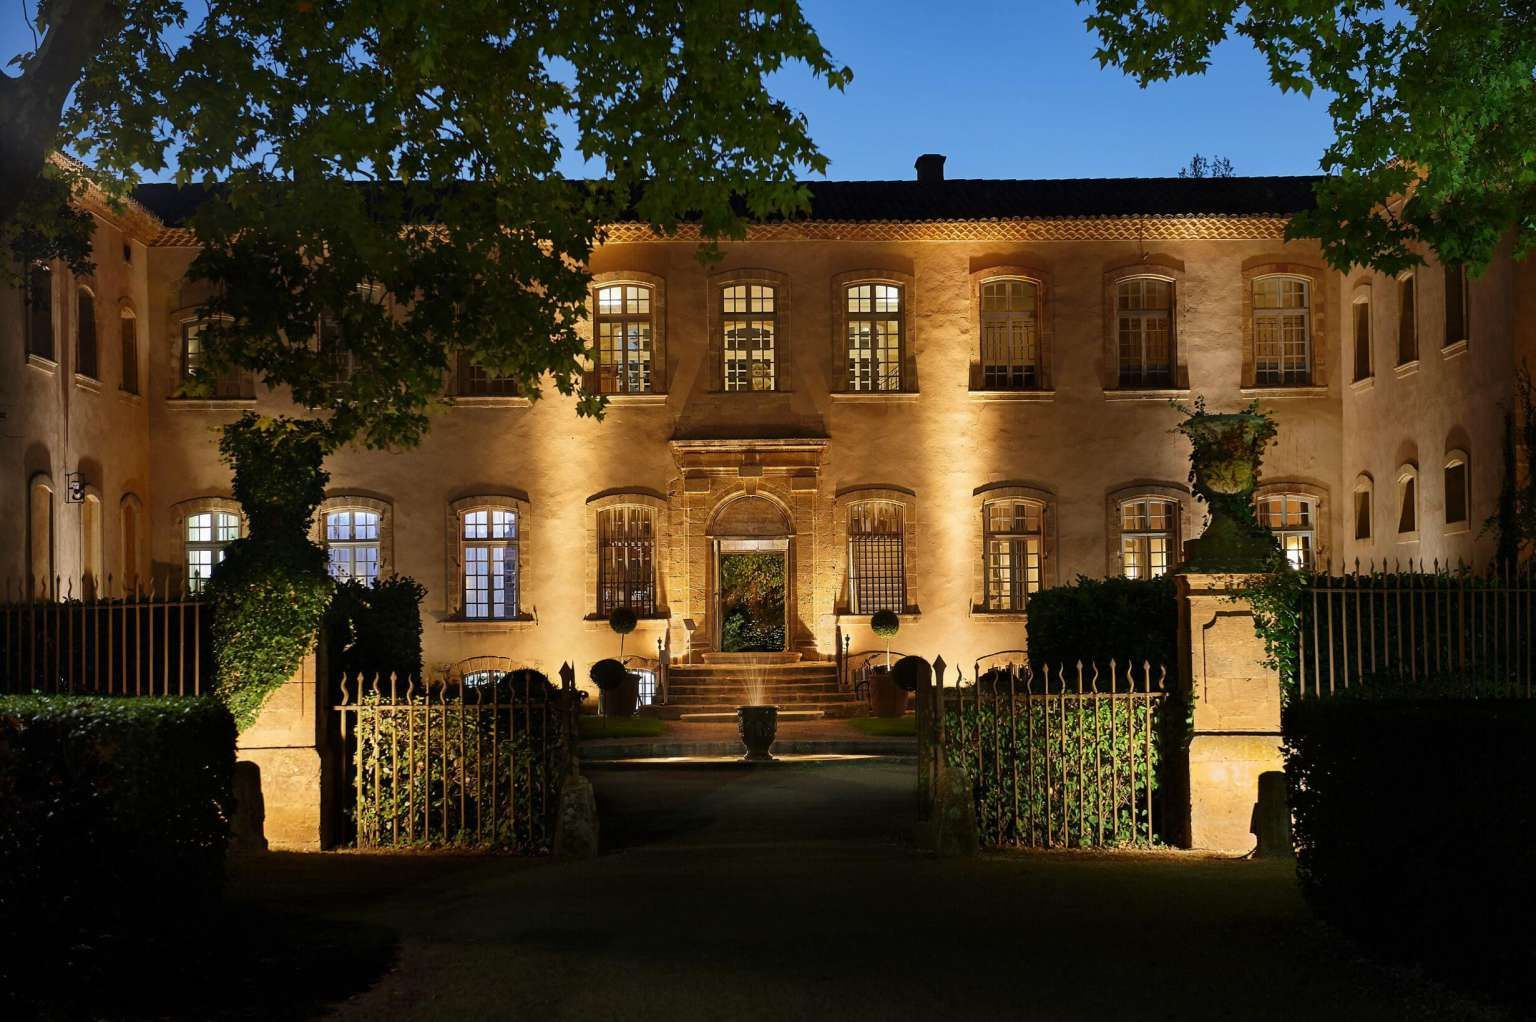 Le Chateau De La Pioline Un Hôtel 4 Etoiles Situé à Aix En Provence. Hotel Avec  Piscine, Restaurant Gastronomique étoilé, Parking Privé, Salle De  Séminaire, ...